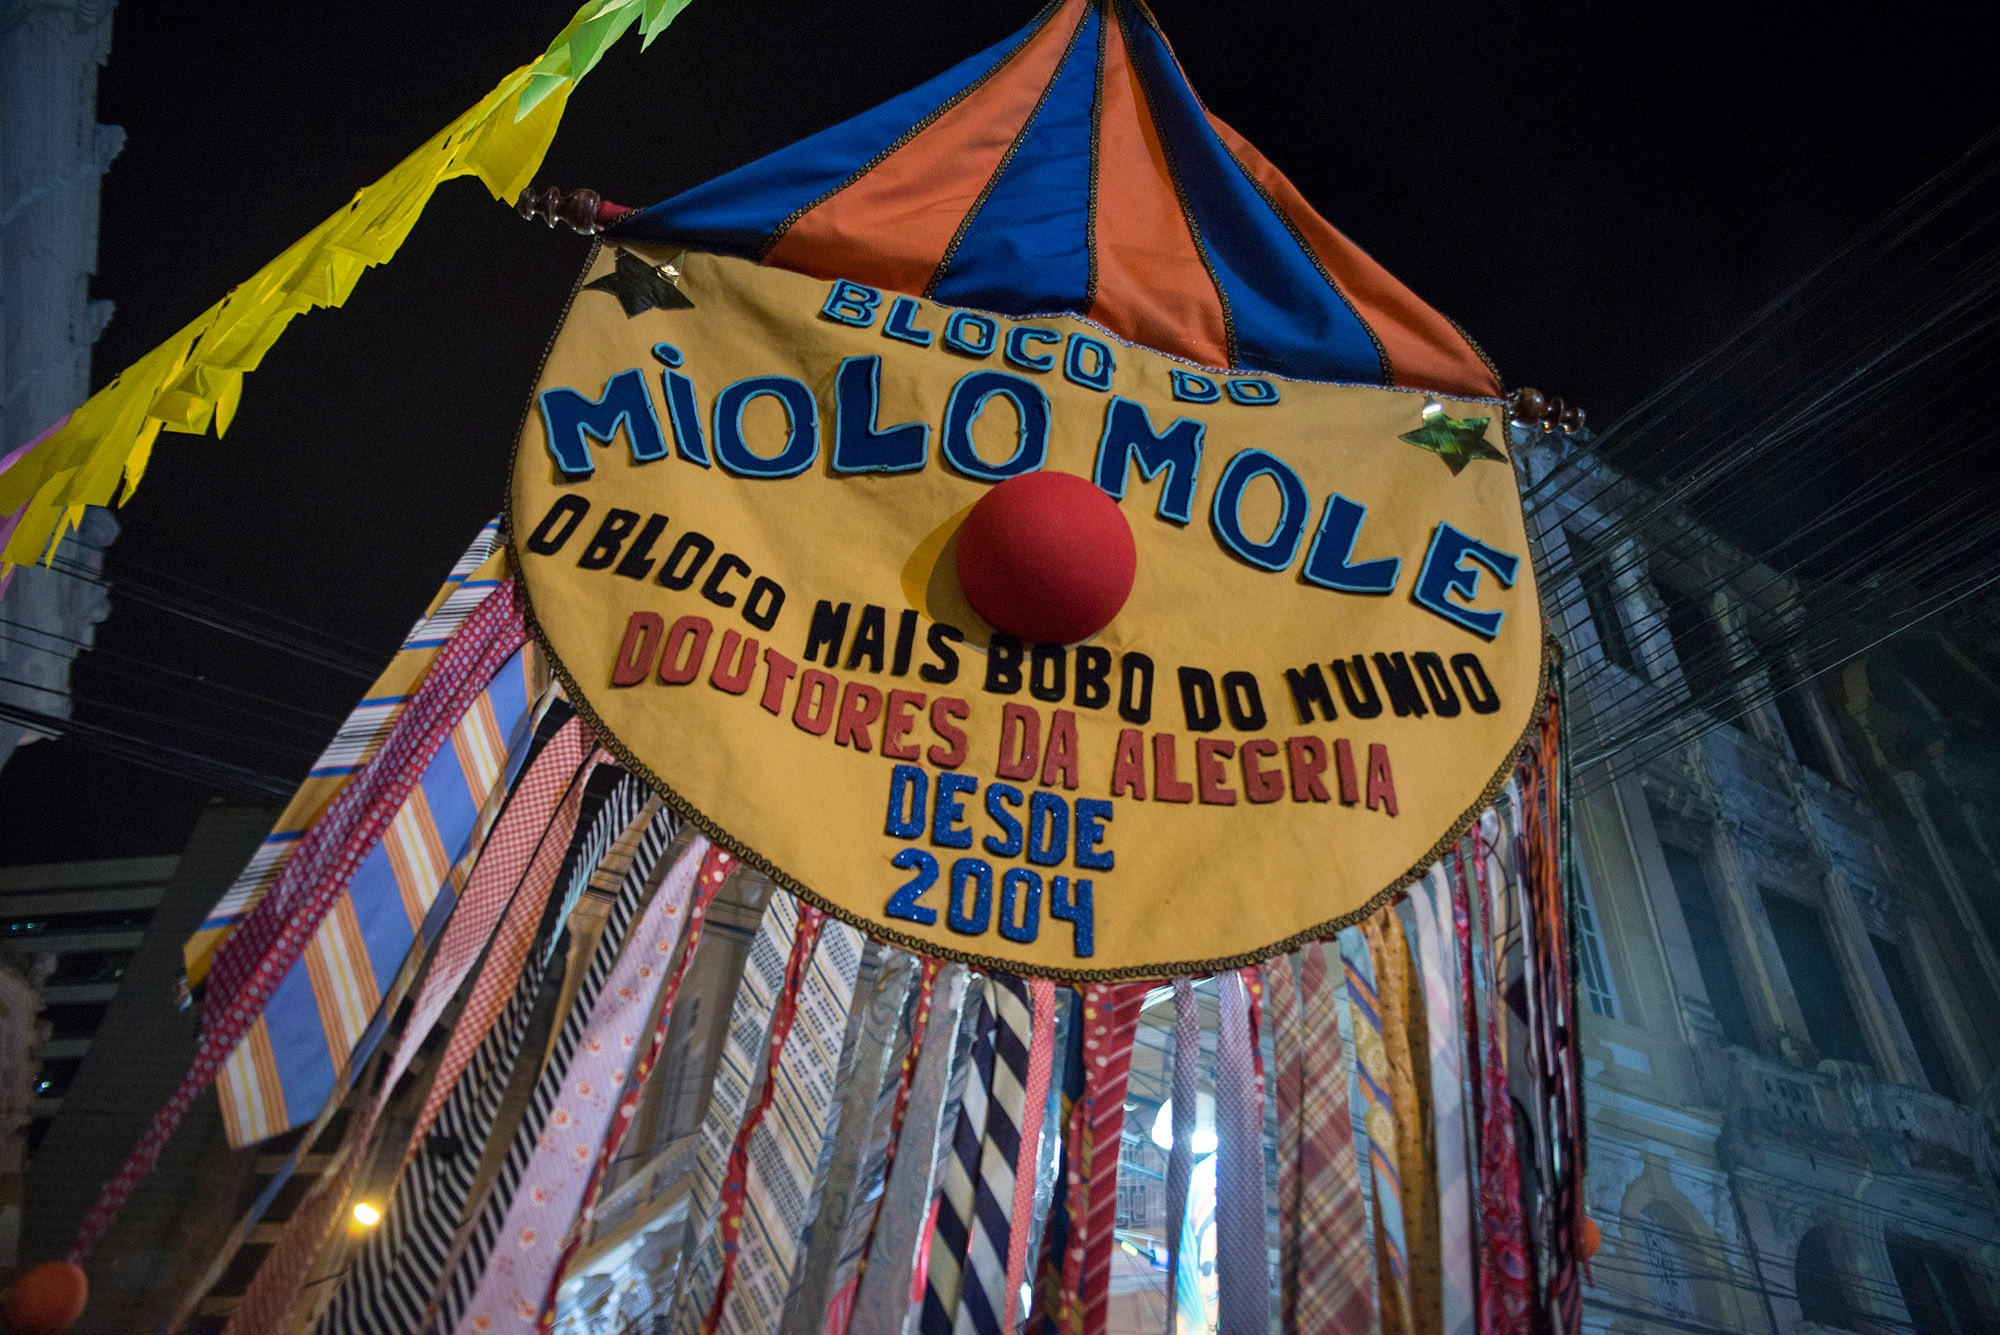 Bloco do Miolo Mole sai dia 28 e homenageia blocos pernambucanos